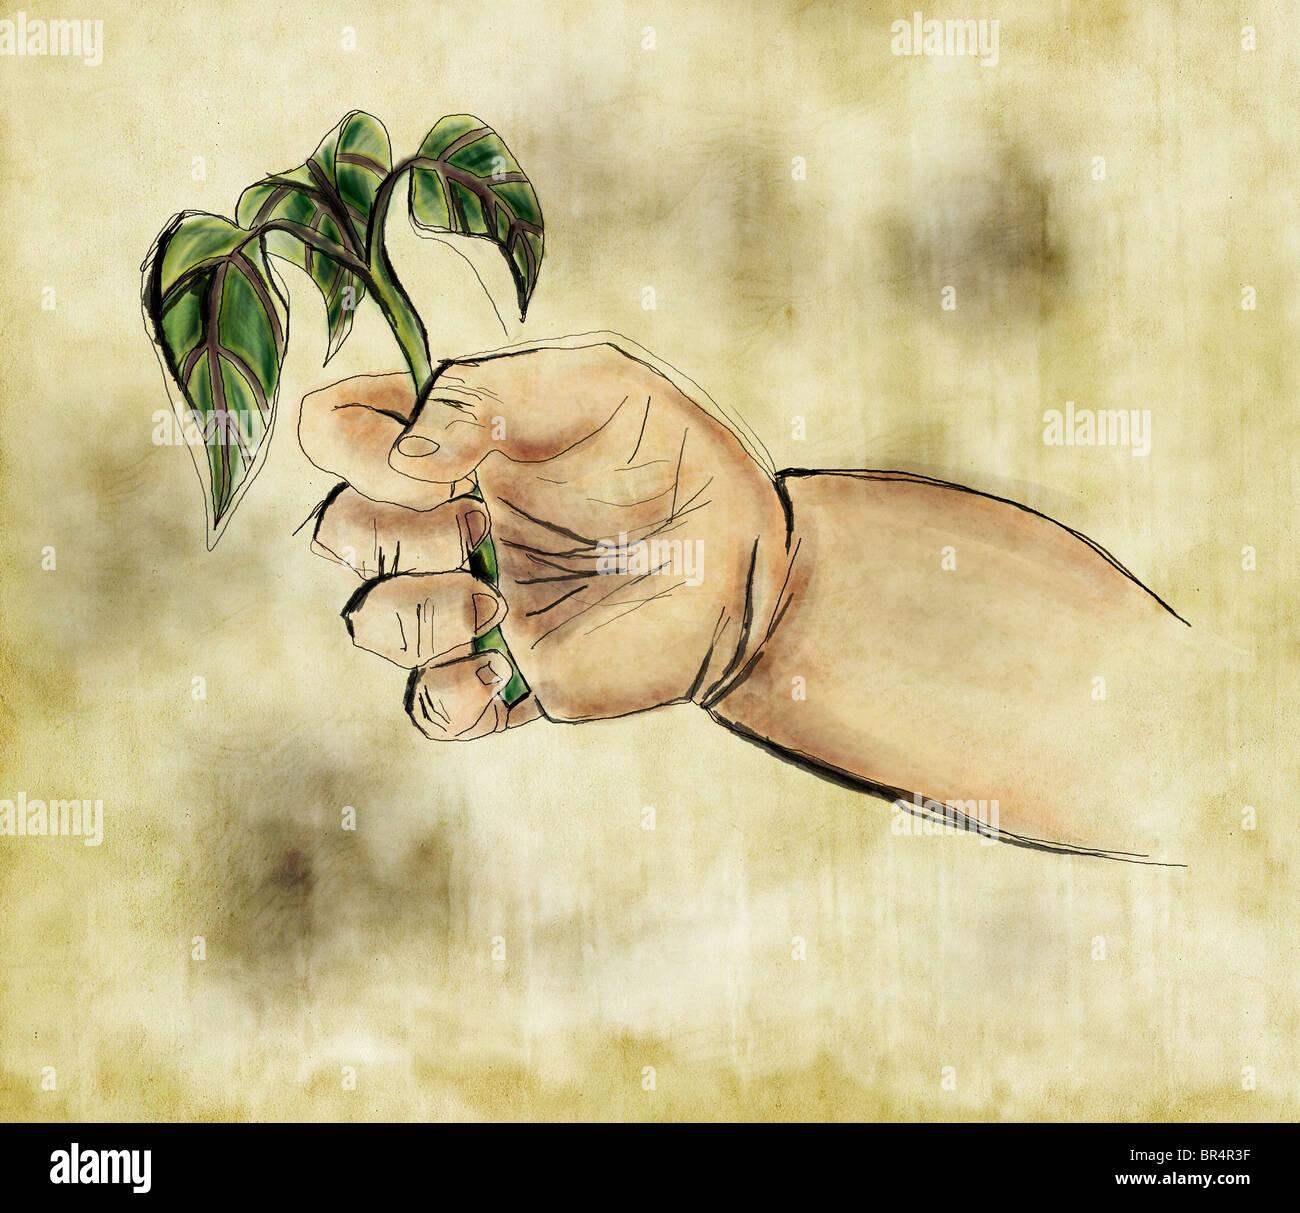 Un bambino mano che tiene un impianto di germinazione Immagini Stock